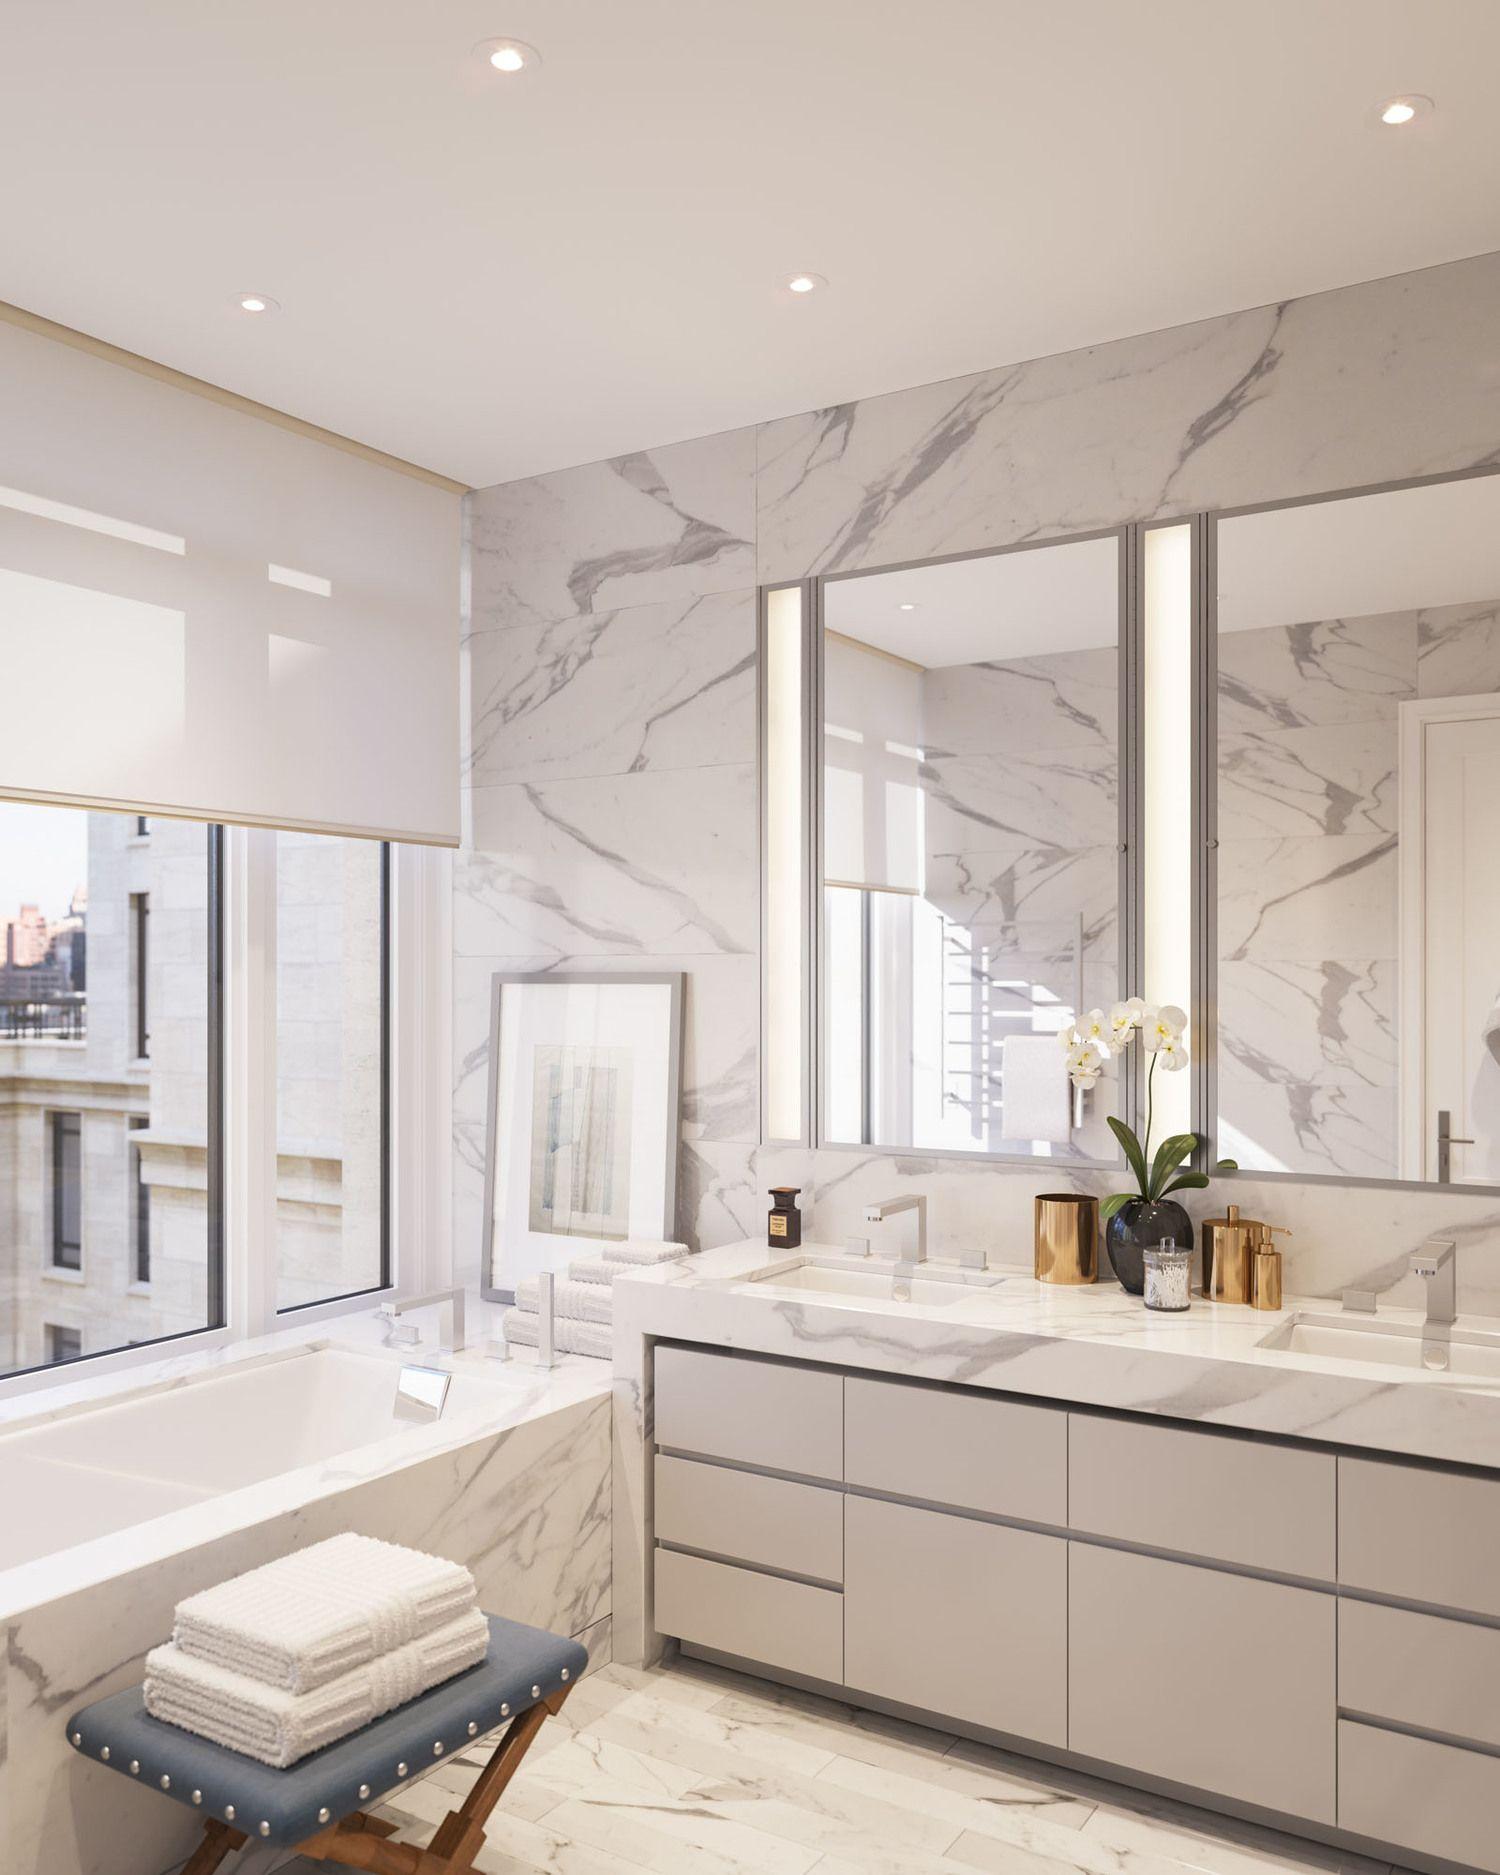 70 Vestry Carrera Marble Modern Marble Bathroom Large Window